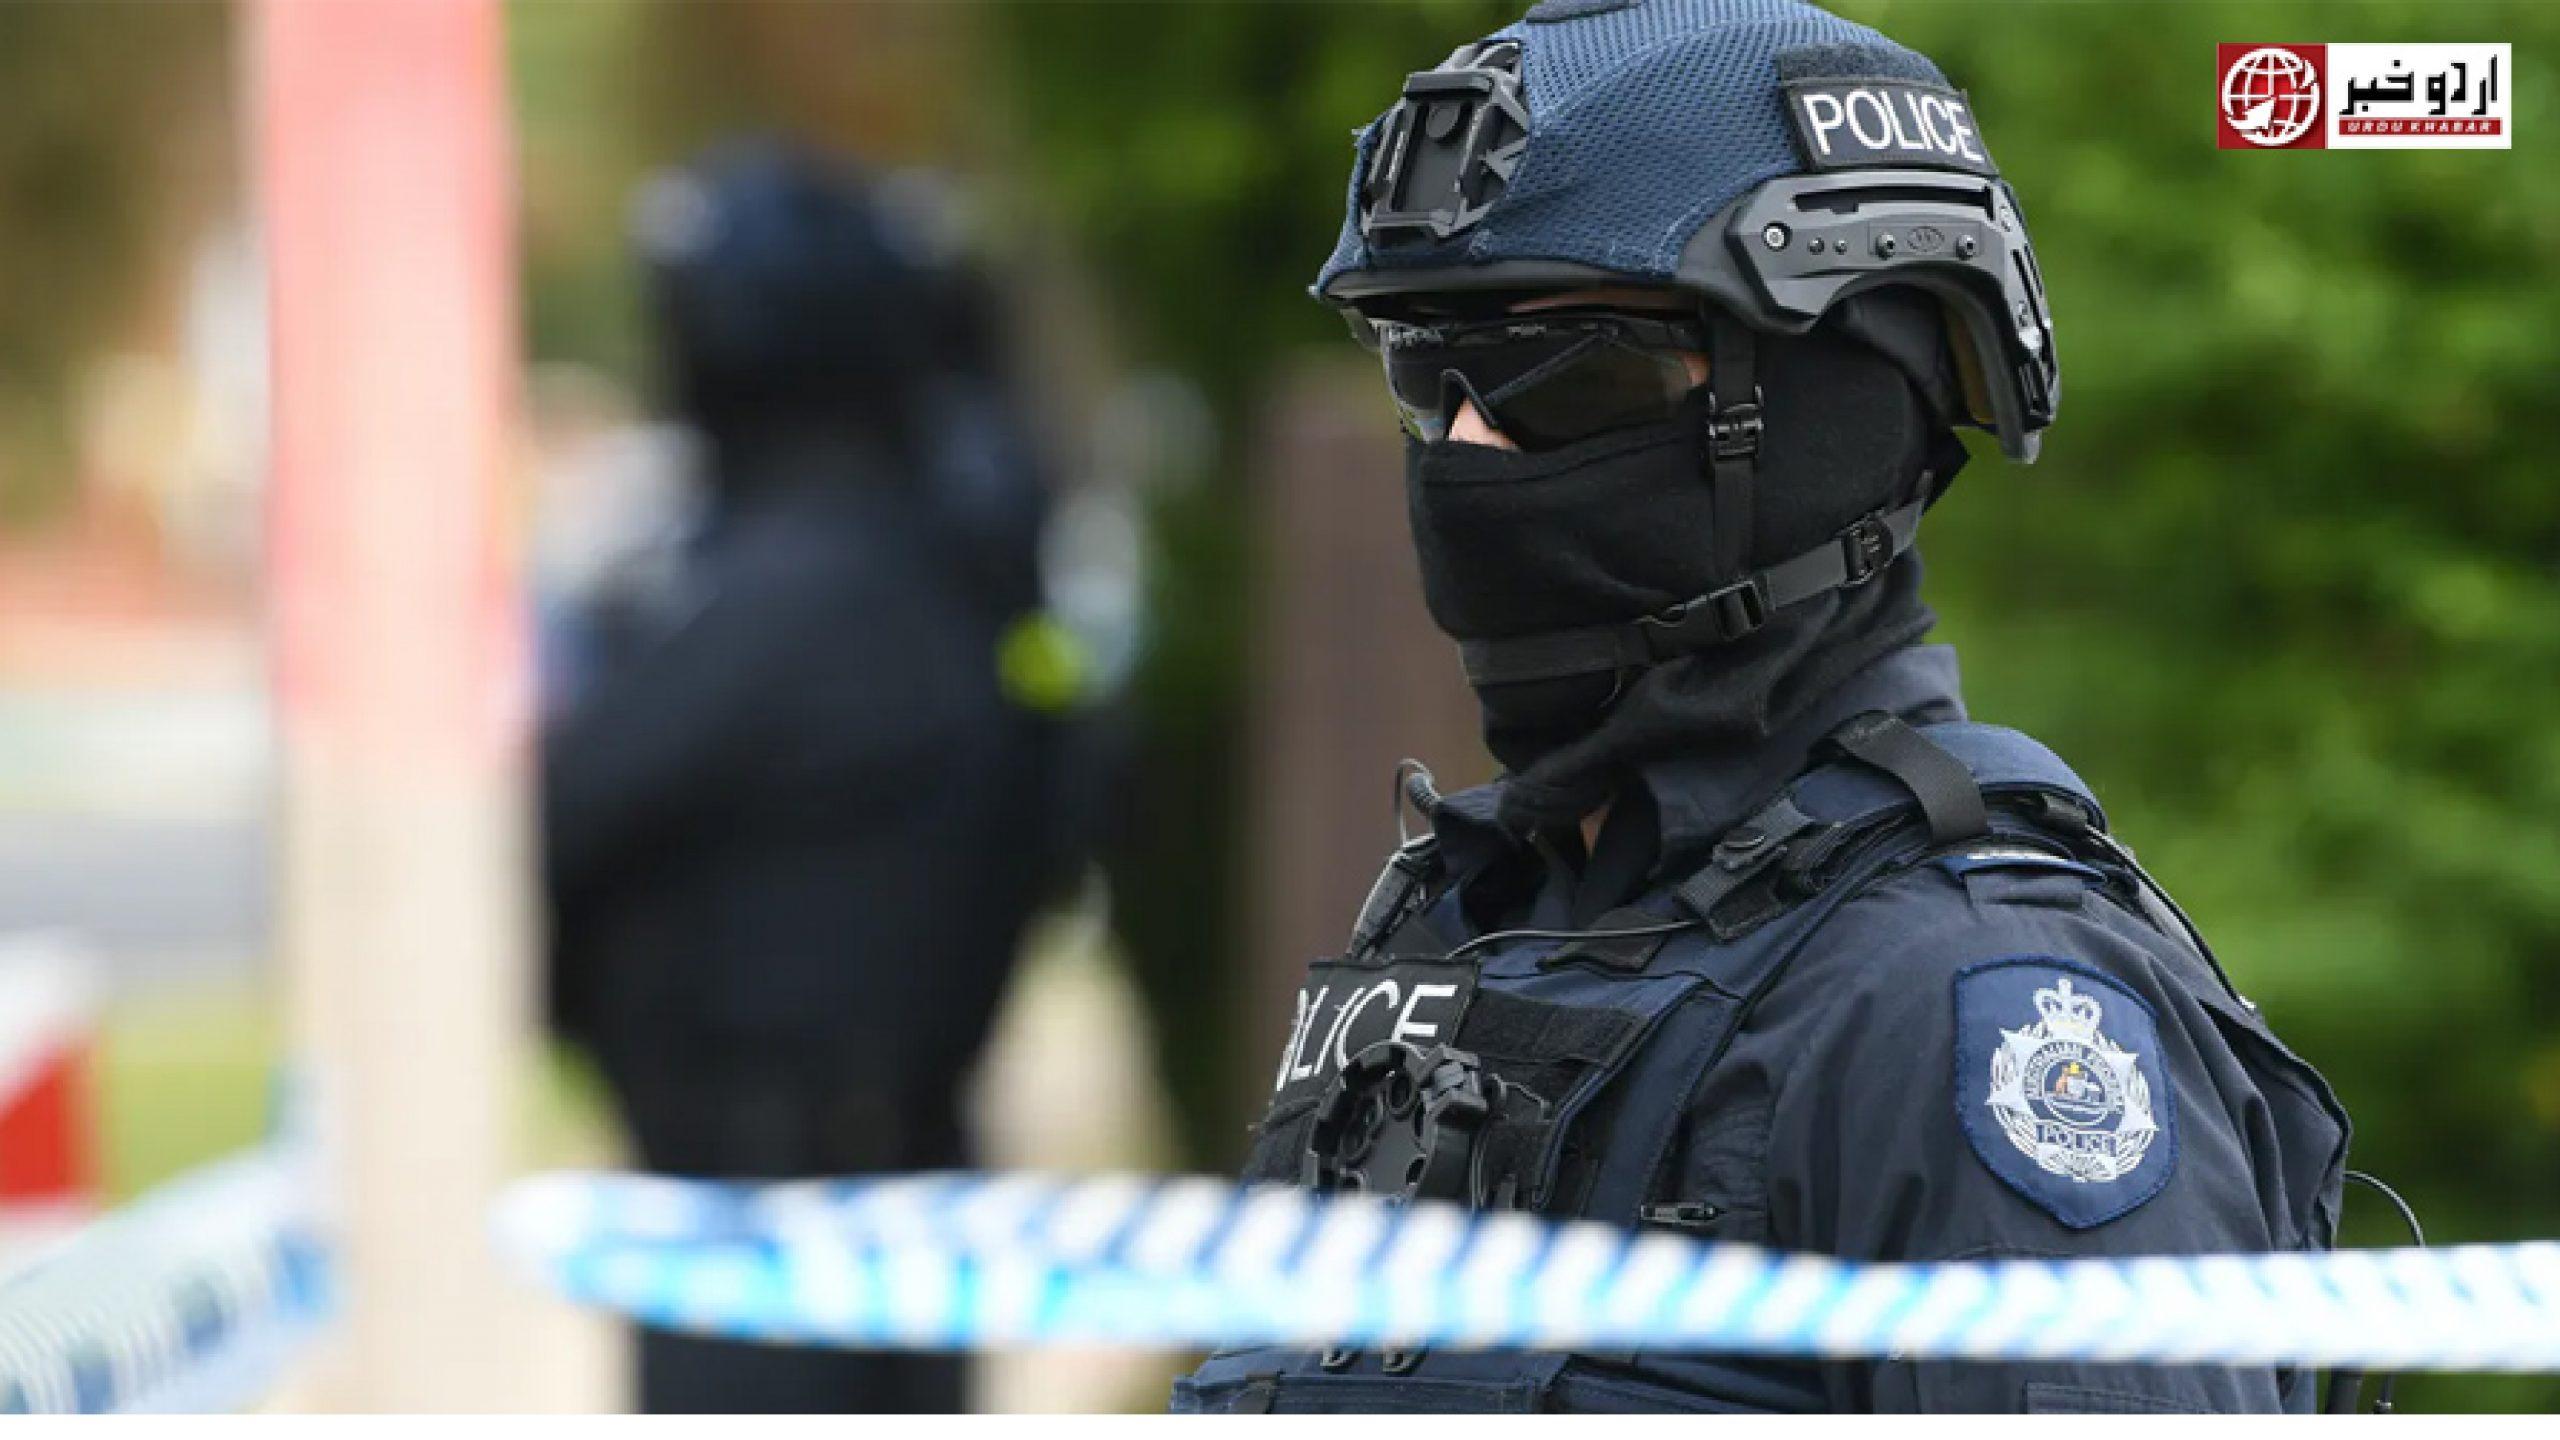 آسٹریہ کے شہر ویانہ میں دہشتگرانہ حملے سے 3 اموات، 12 زخمی